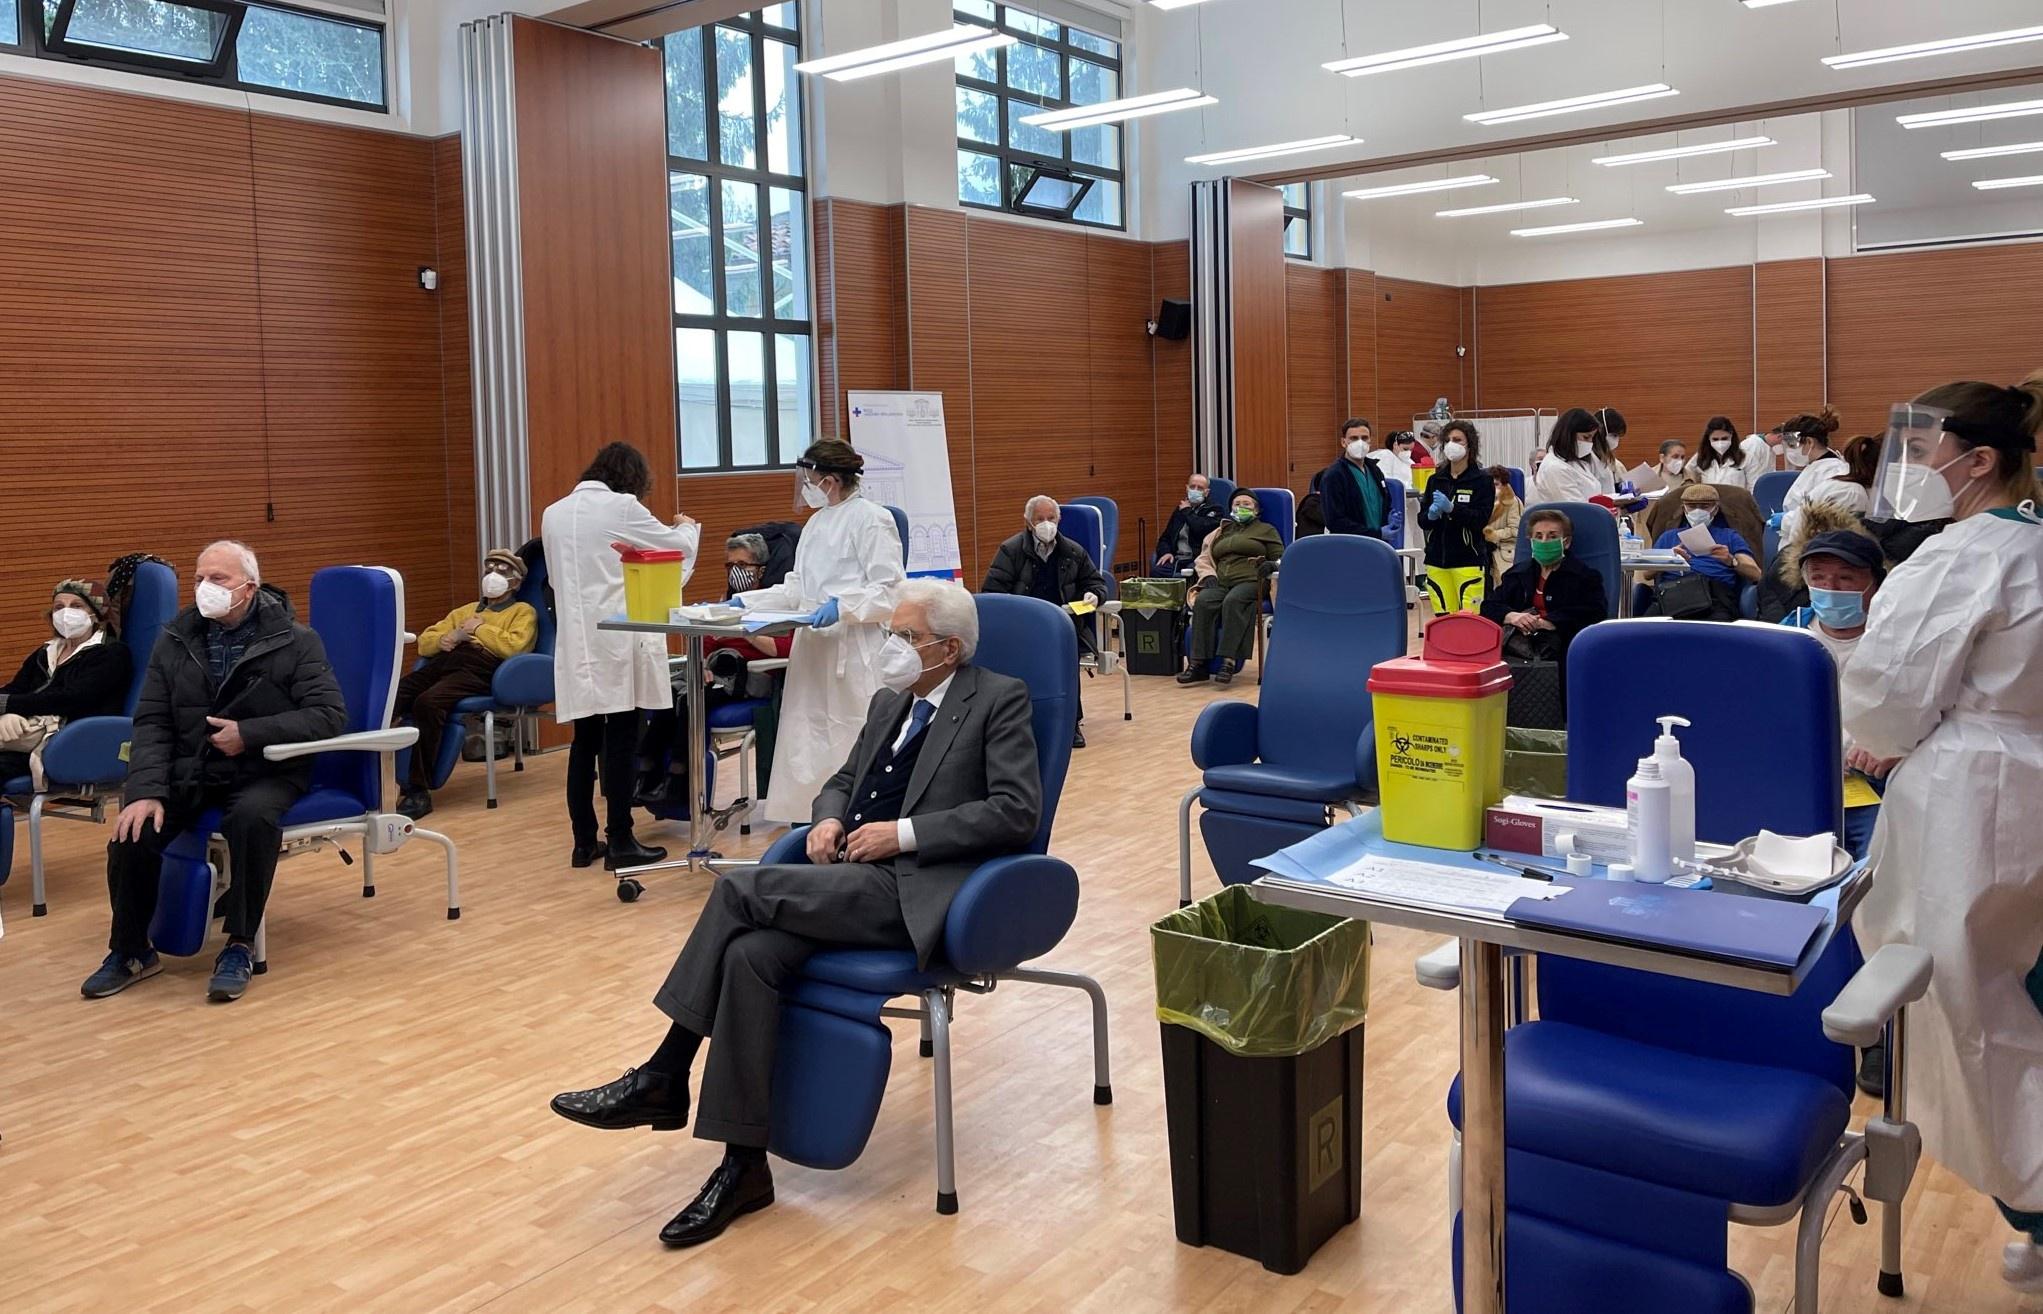 意大利公布疫苗接种计划 9月底覆盖八成人口